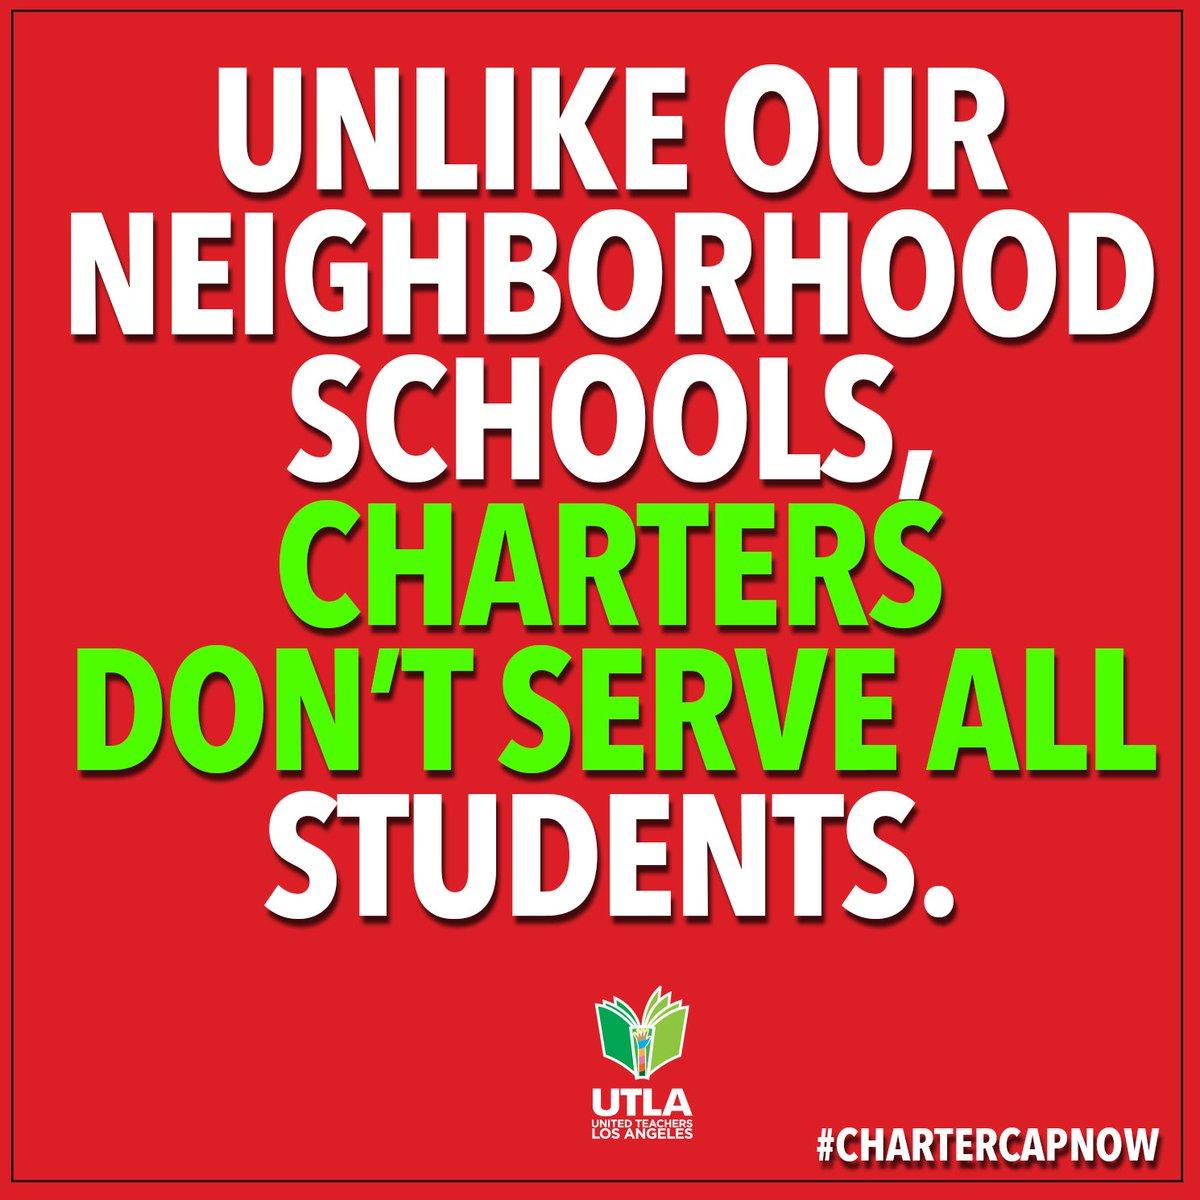 United Teachers Los Angeles on Twitter: